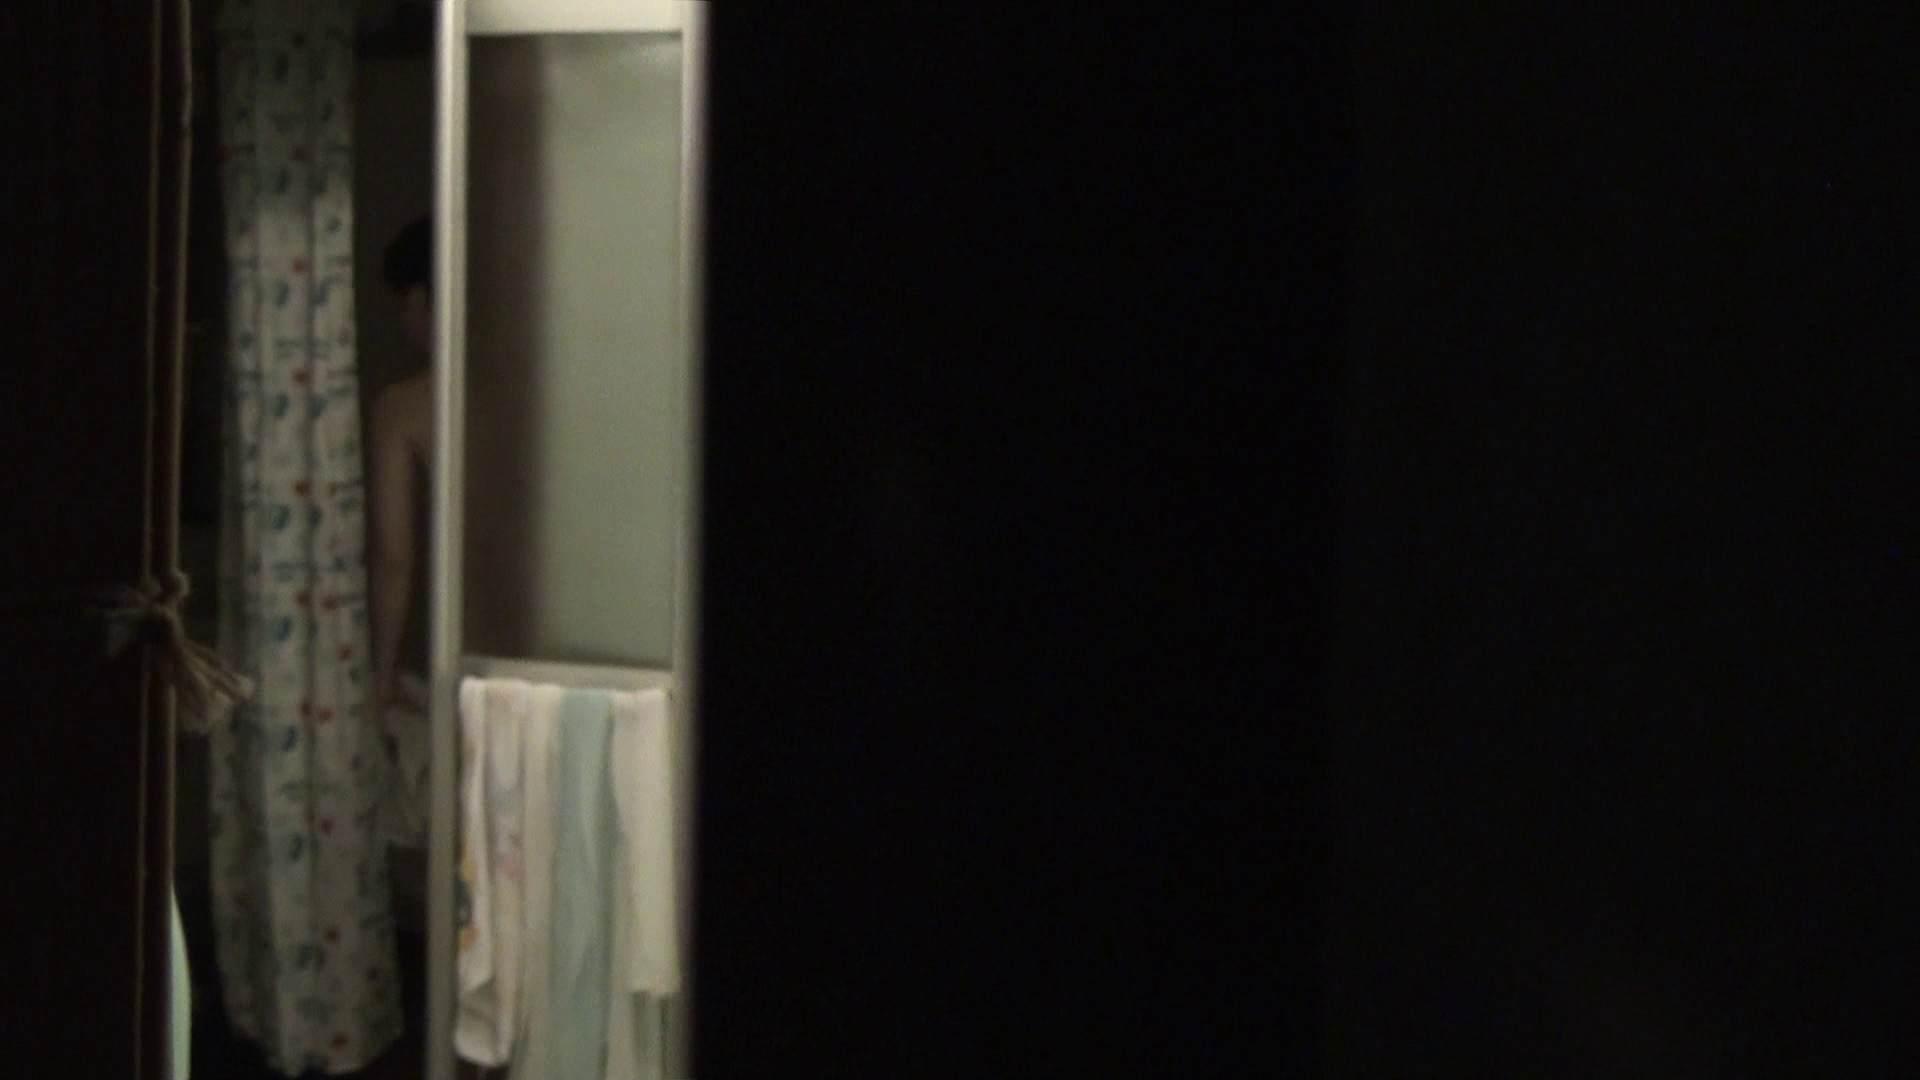 vol.06顔を洗い流す極上お女市さんの裸体をハイビジョンで!風呂上り着替え必見! エッチな盗撮 SEX無修正画像 84pic 51